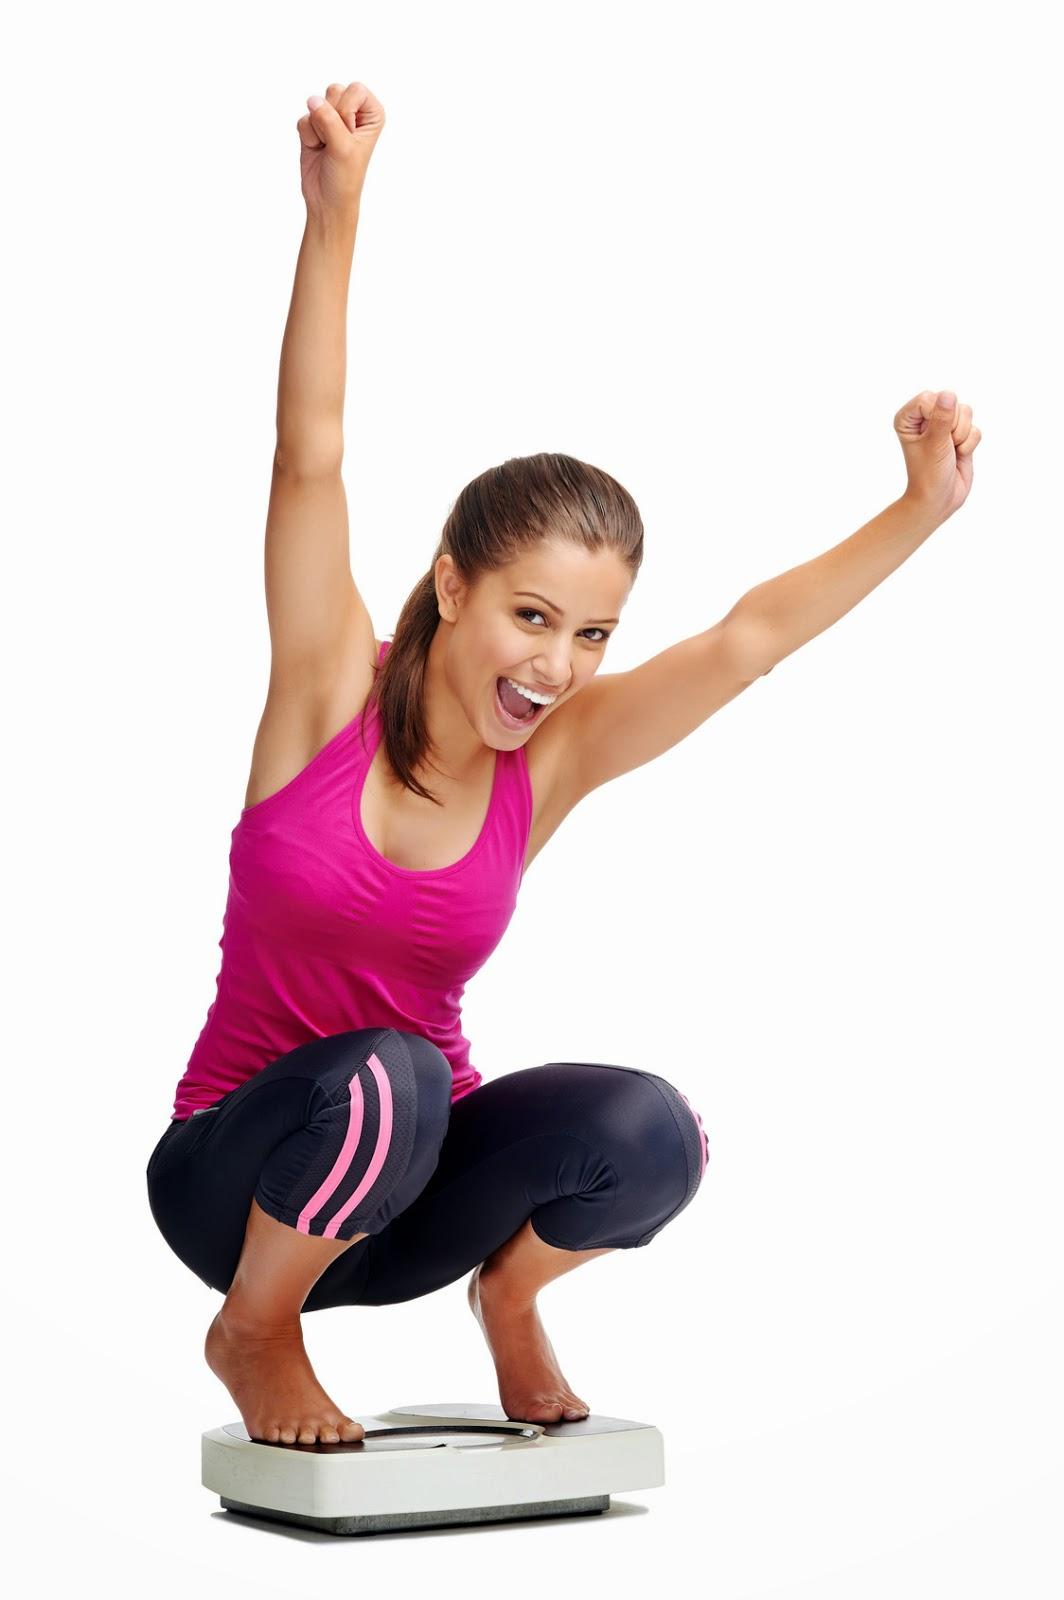 Jaka dieta na odchudzanie przy bieganiu? - Forum Żywienie i Fitness Mangosteen - Forum